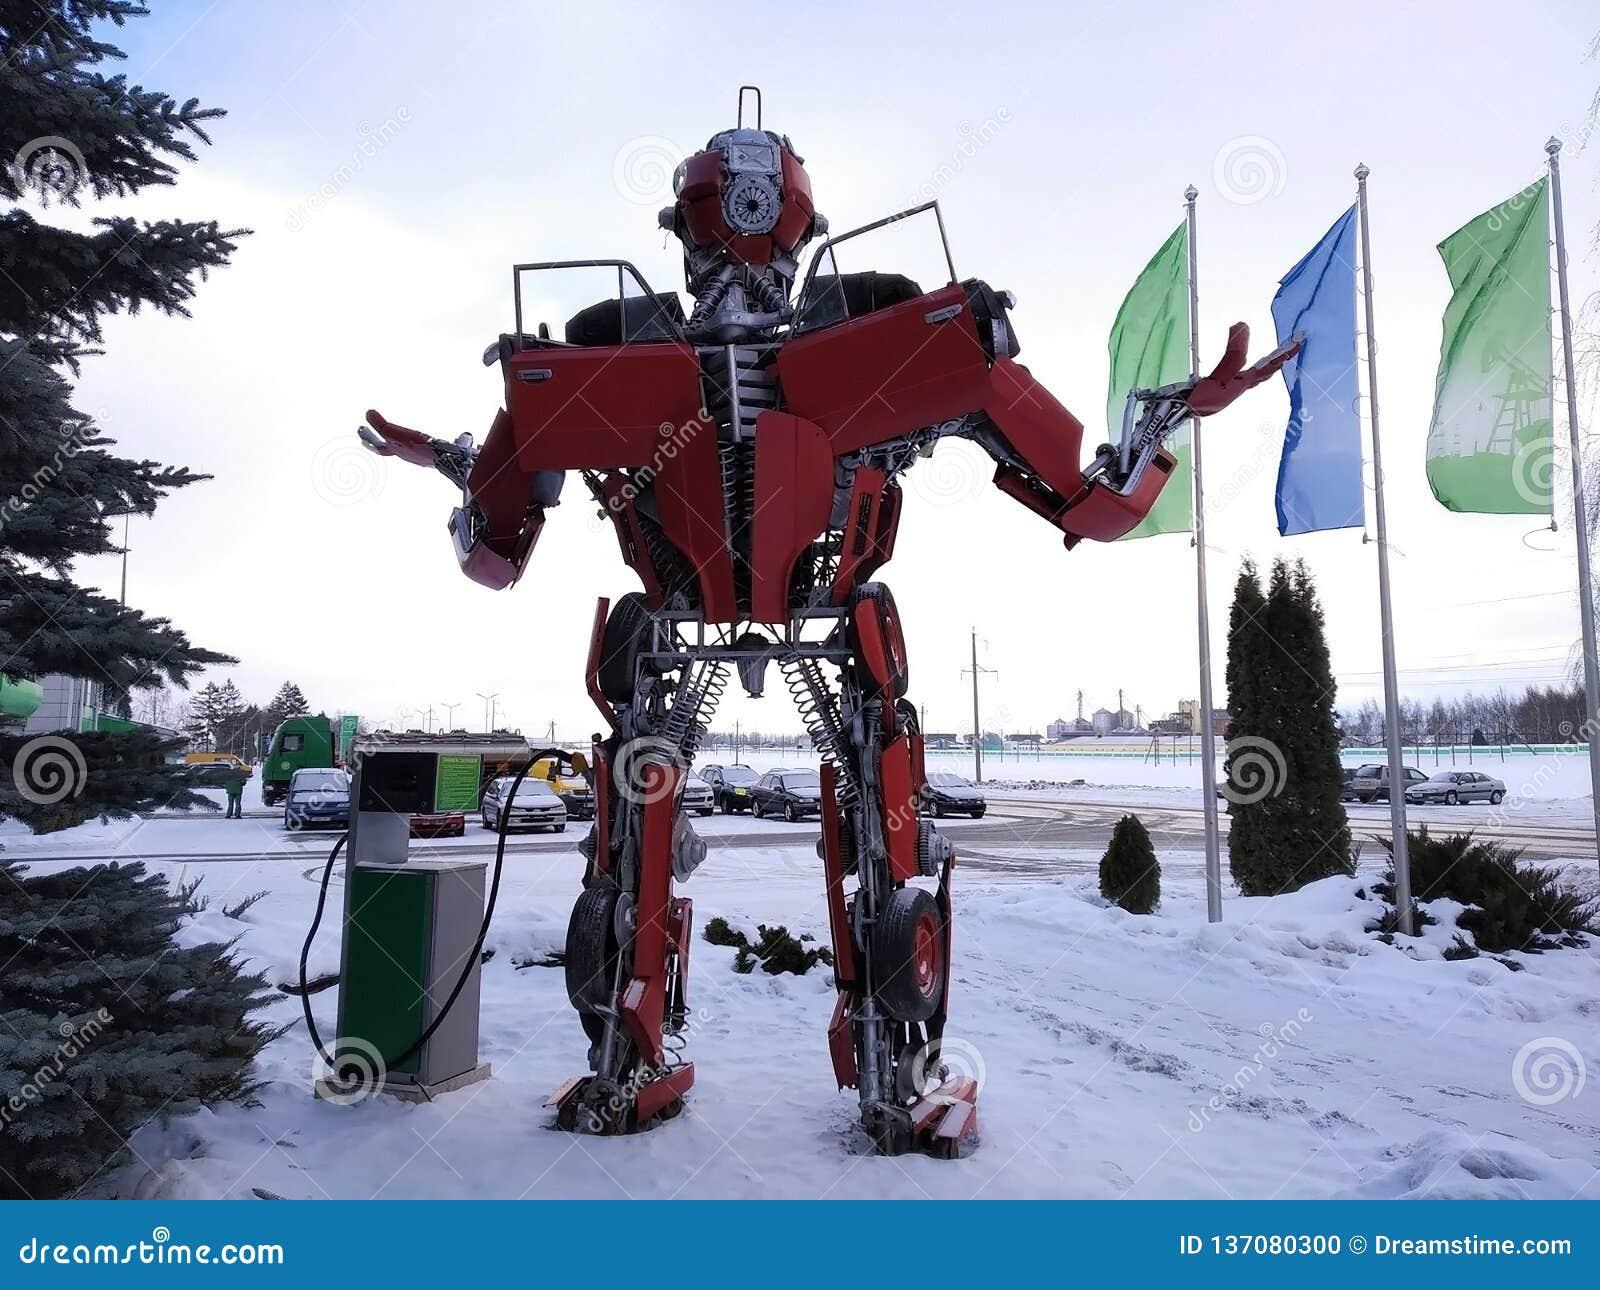 Der humanoid Metalllustige Roboter das rote autoboat, wird von den Ersatzteilen des Autos, wieder tankt Benzin, Teile des Körpers